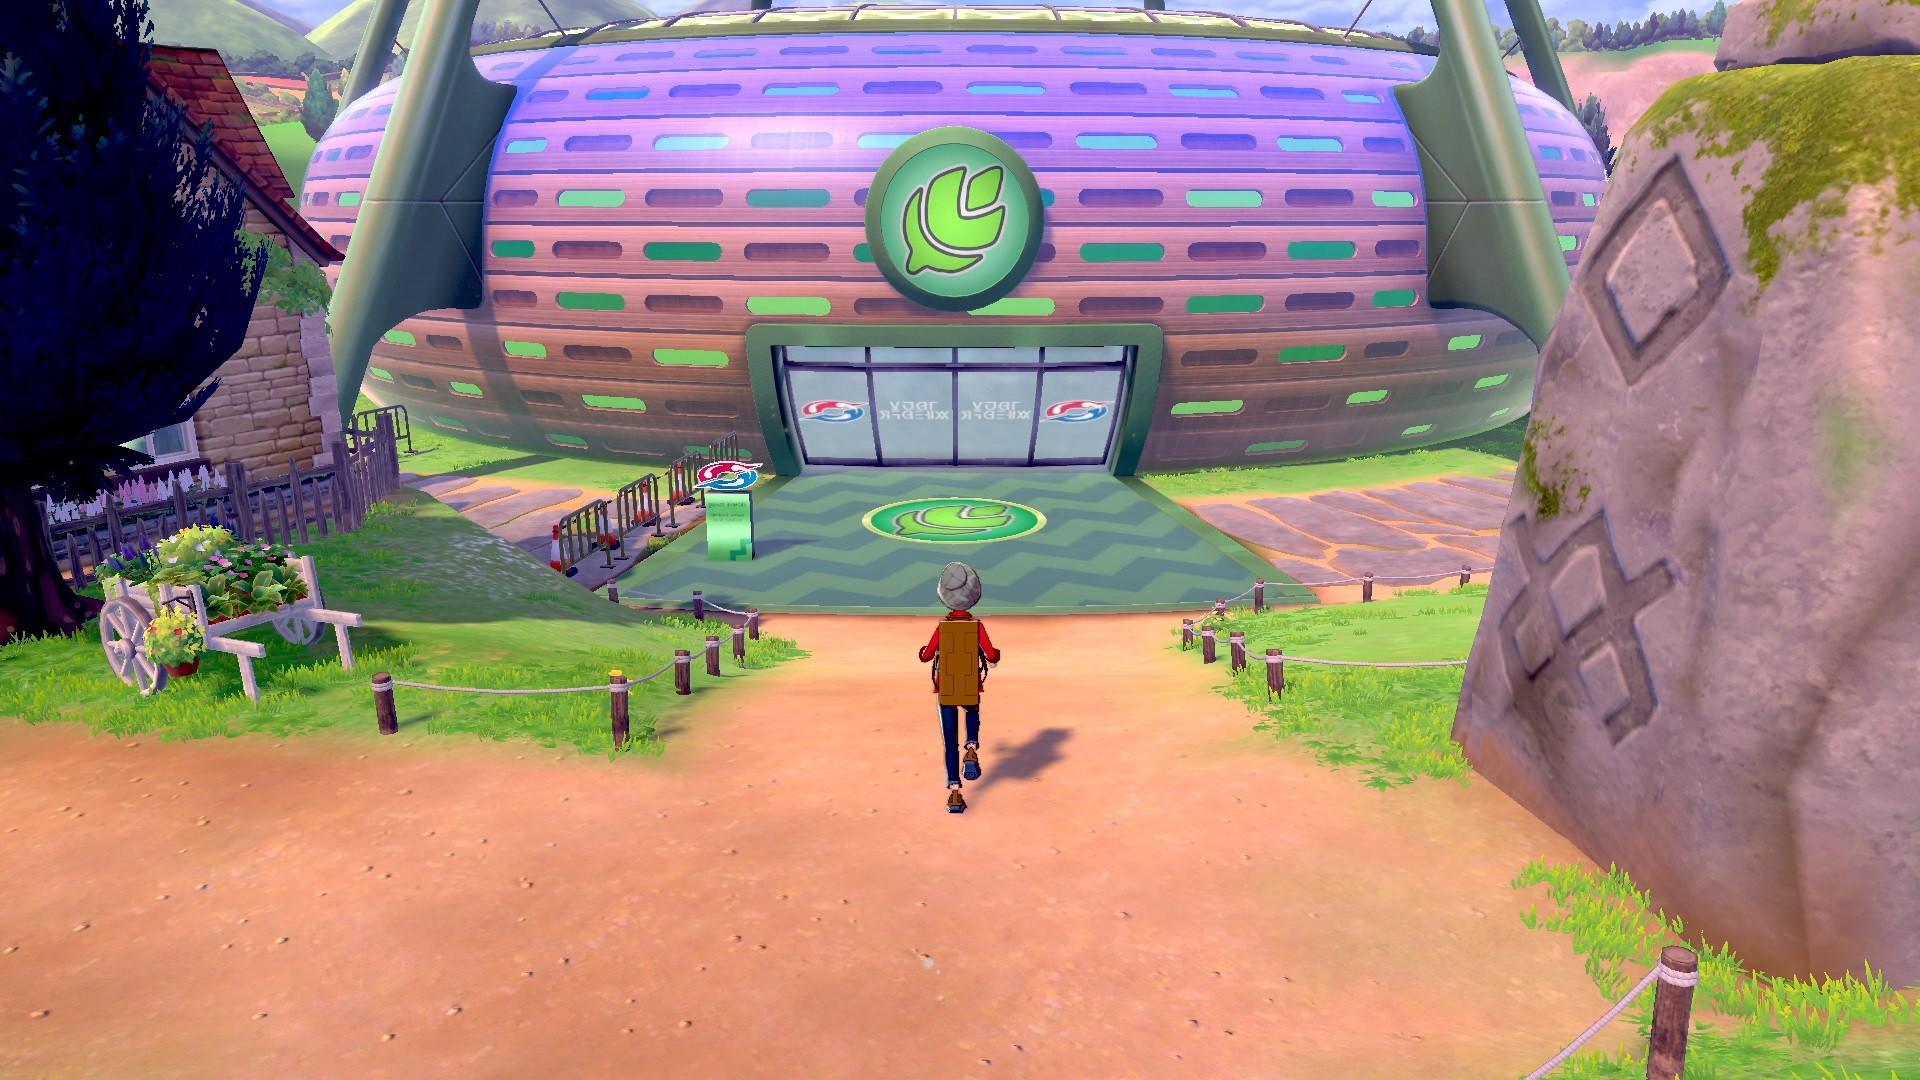 口袋妖怪剑盾/宝可梦剑盾 /Pokemon Sword/Shield(更新集成铠岛.雪原DLC)